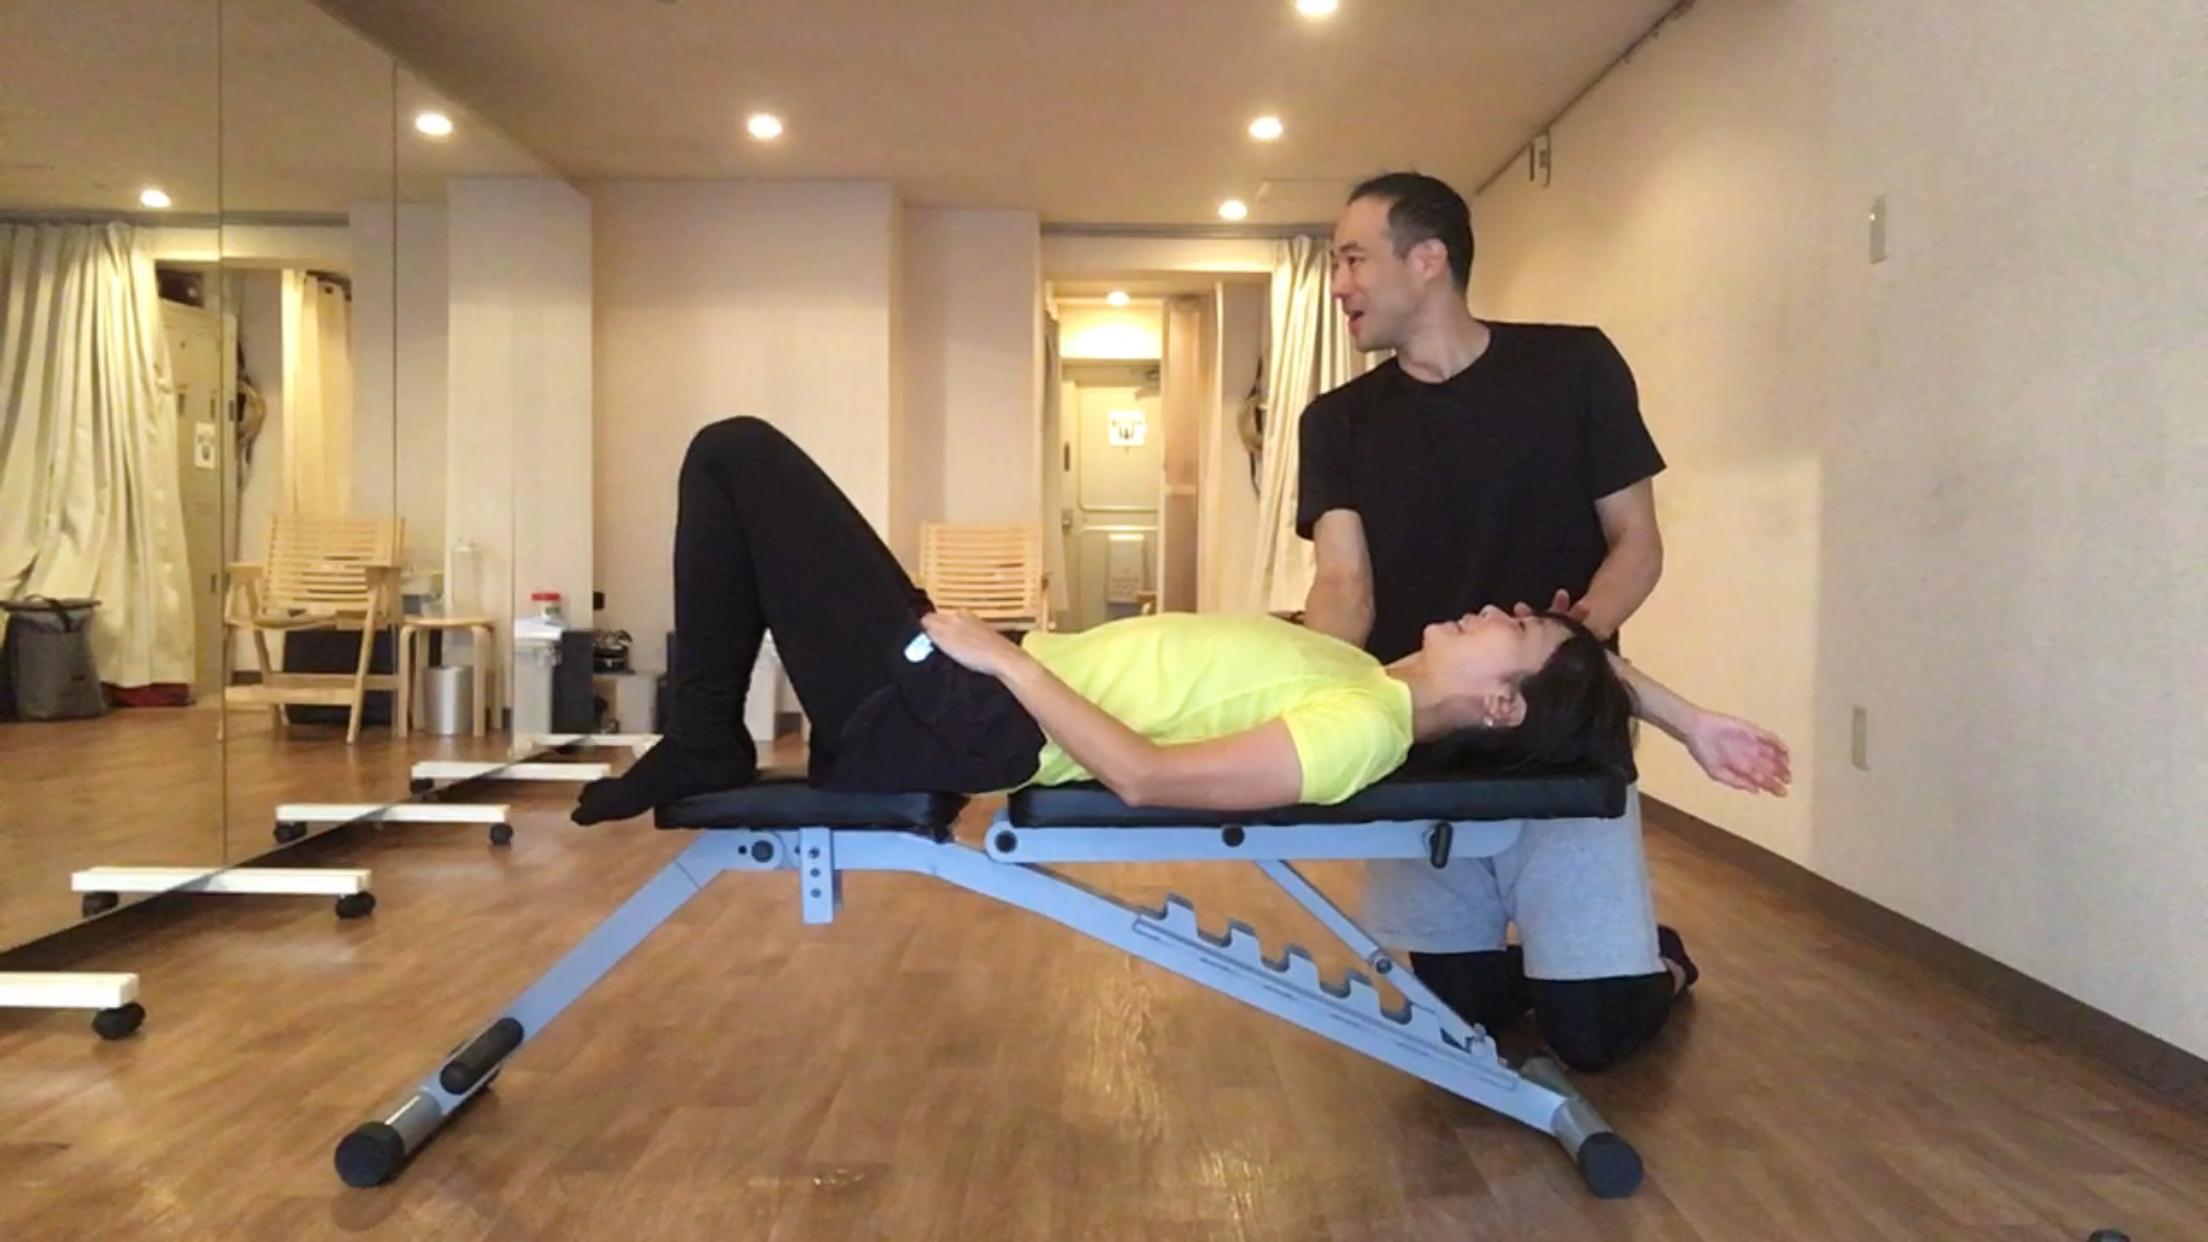 ダイエットと肩こり腰痛改善が同時に行える恵比寿Mind_Bodyのパーソナルトレーニング